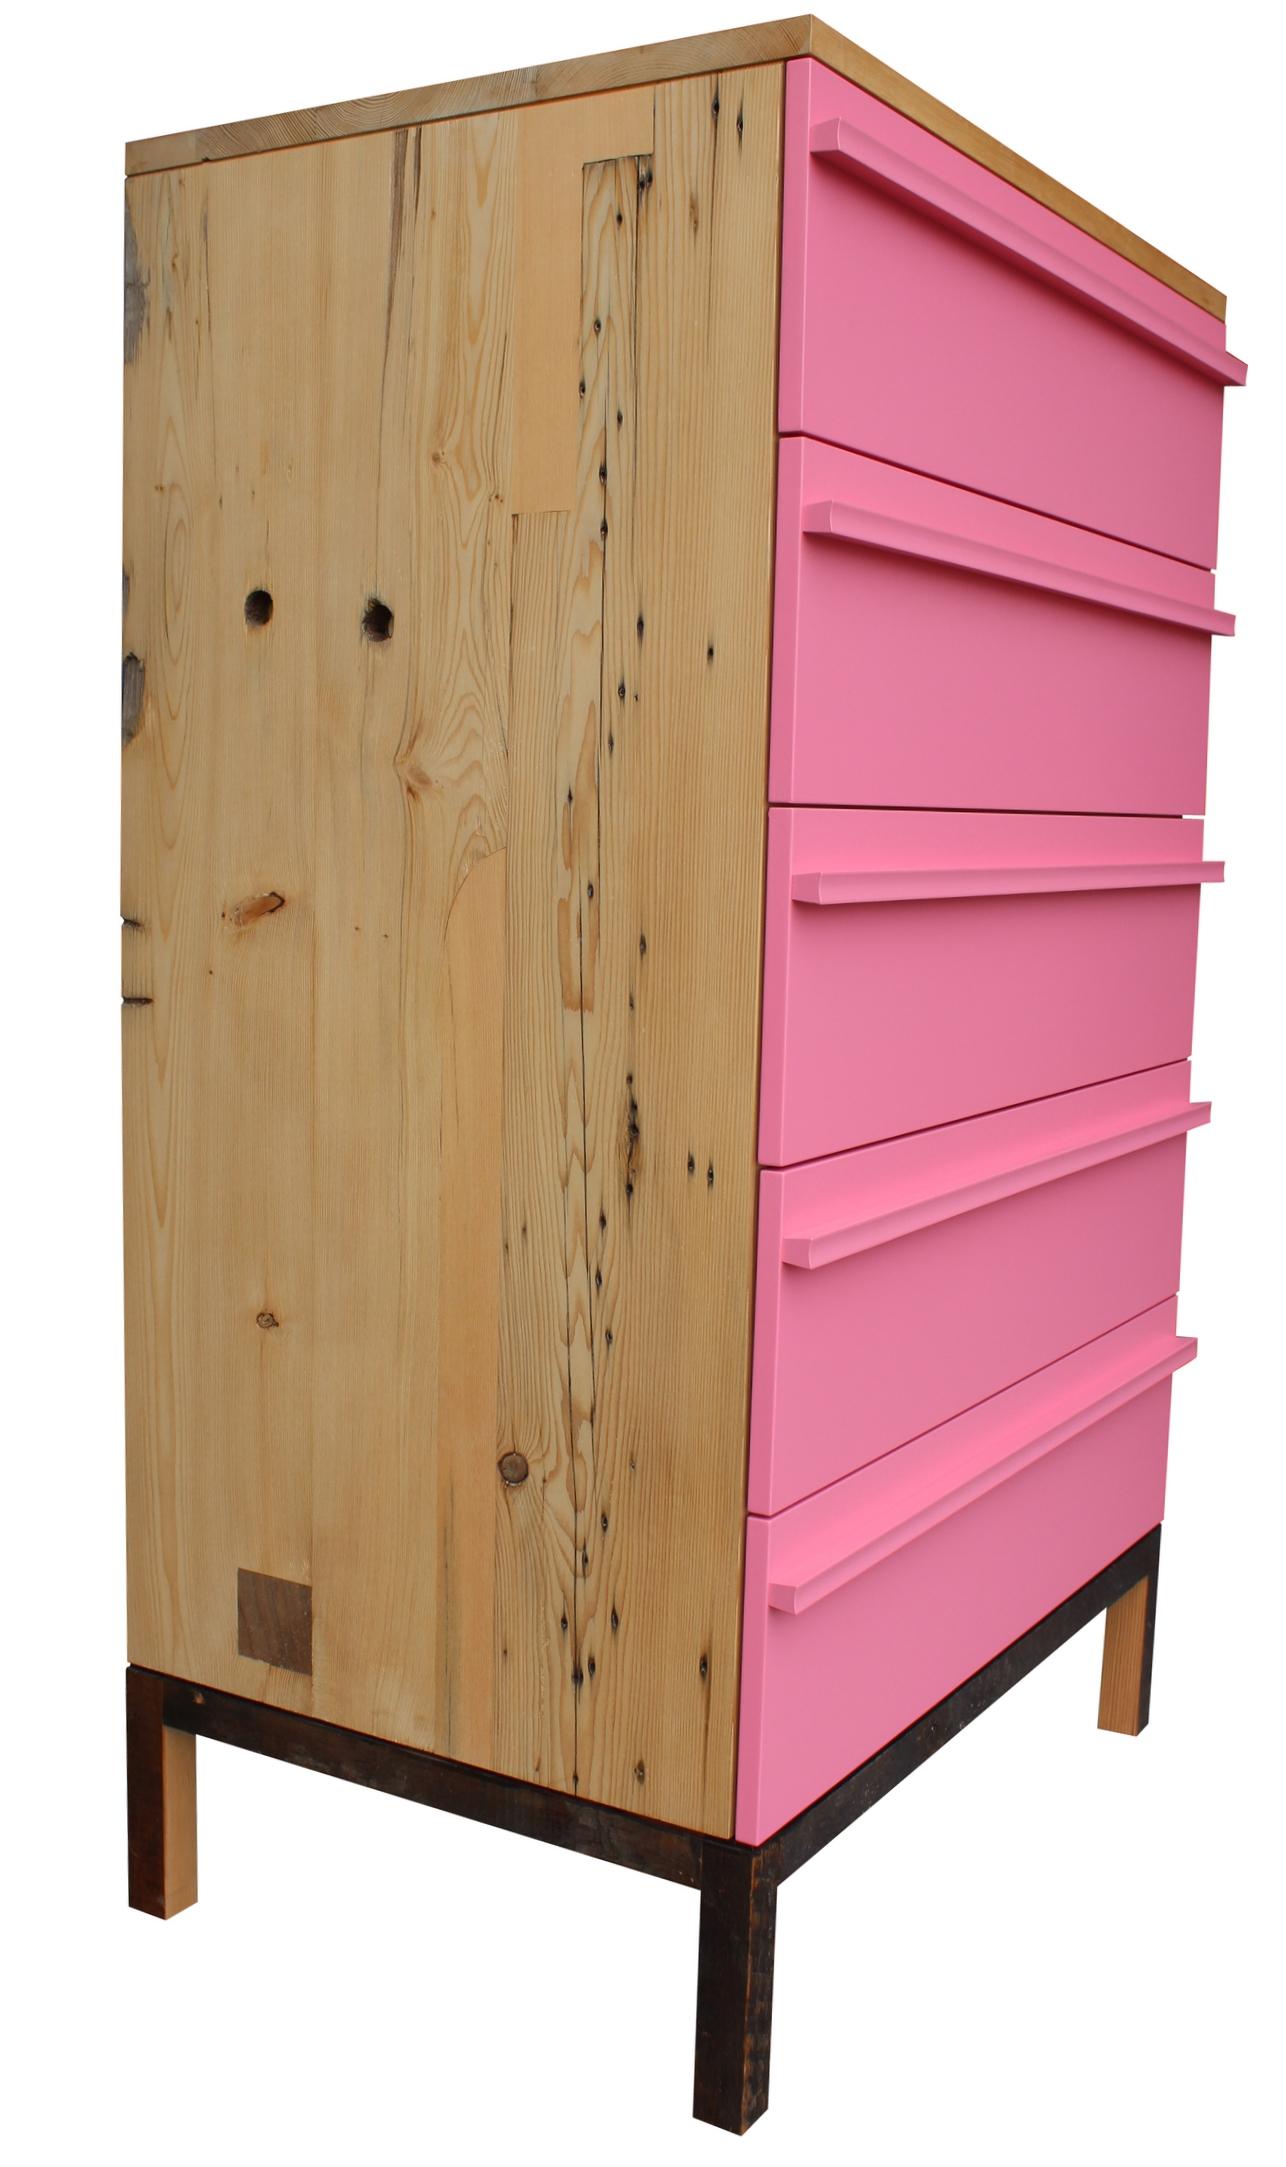 pink dresser, console photos 2014 147.JPG